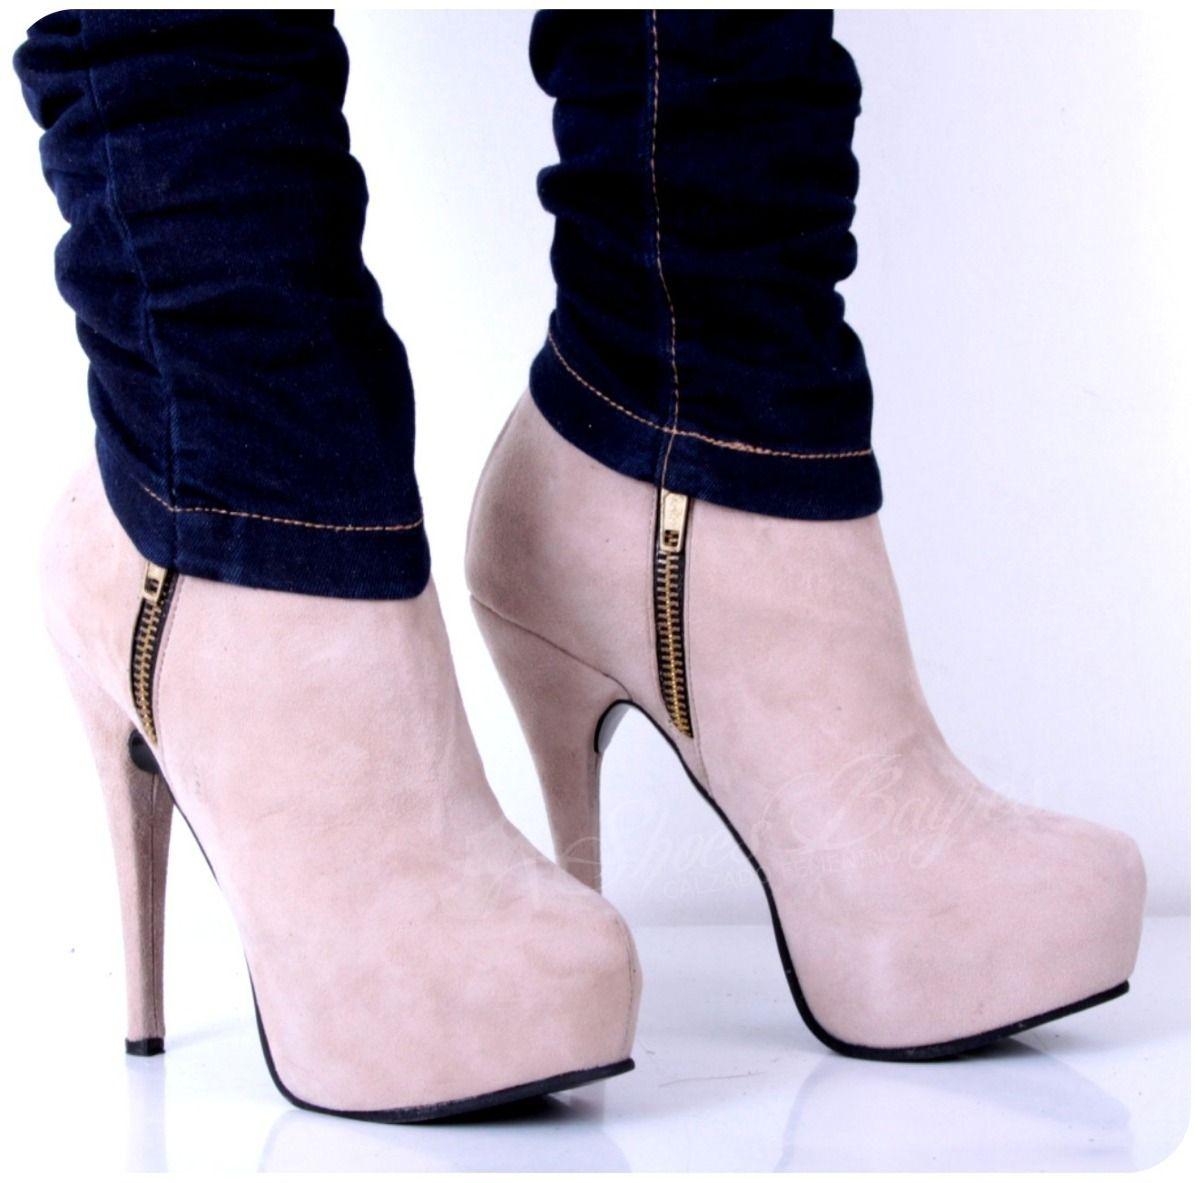 896f8777 Pin de Valentina Santillan en botas | Shoes, Boots y Fashion